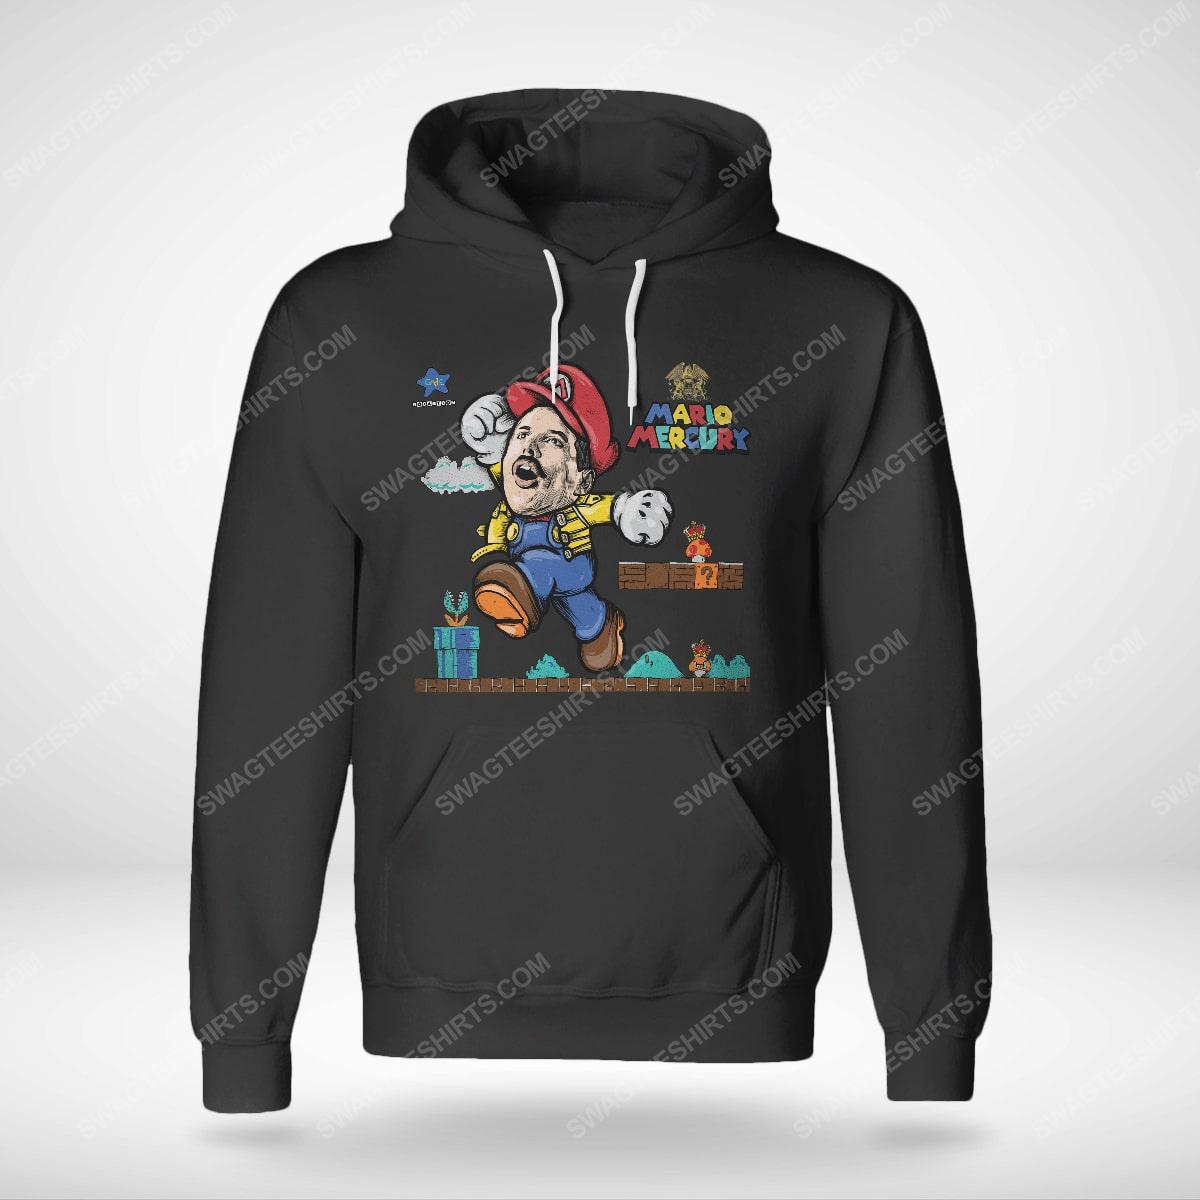 Game super mario and freddie mercury hoodie(1)